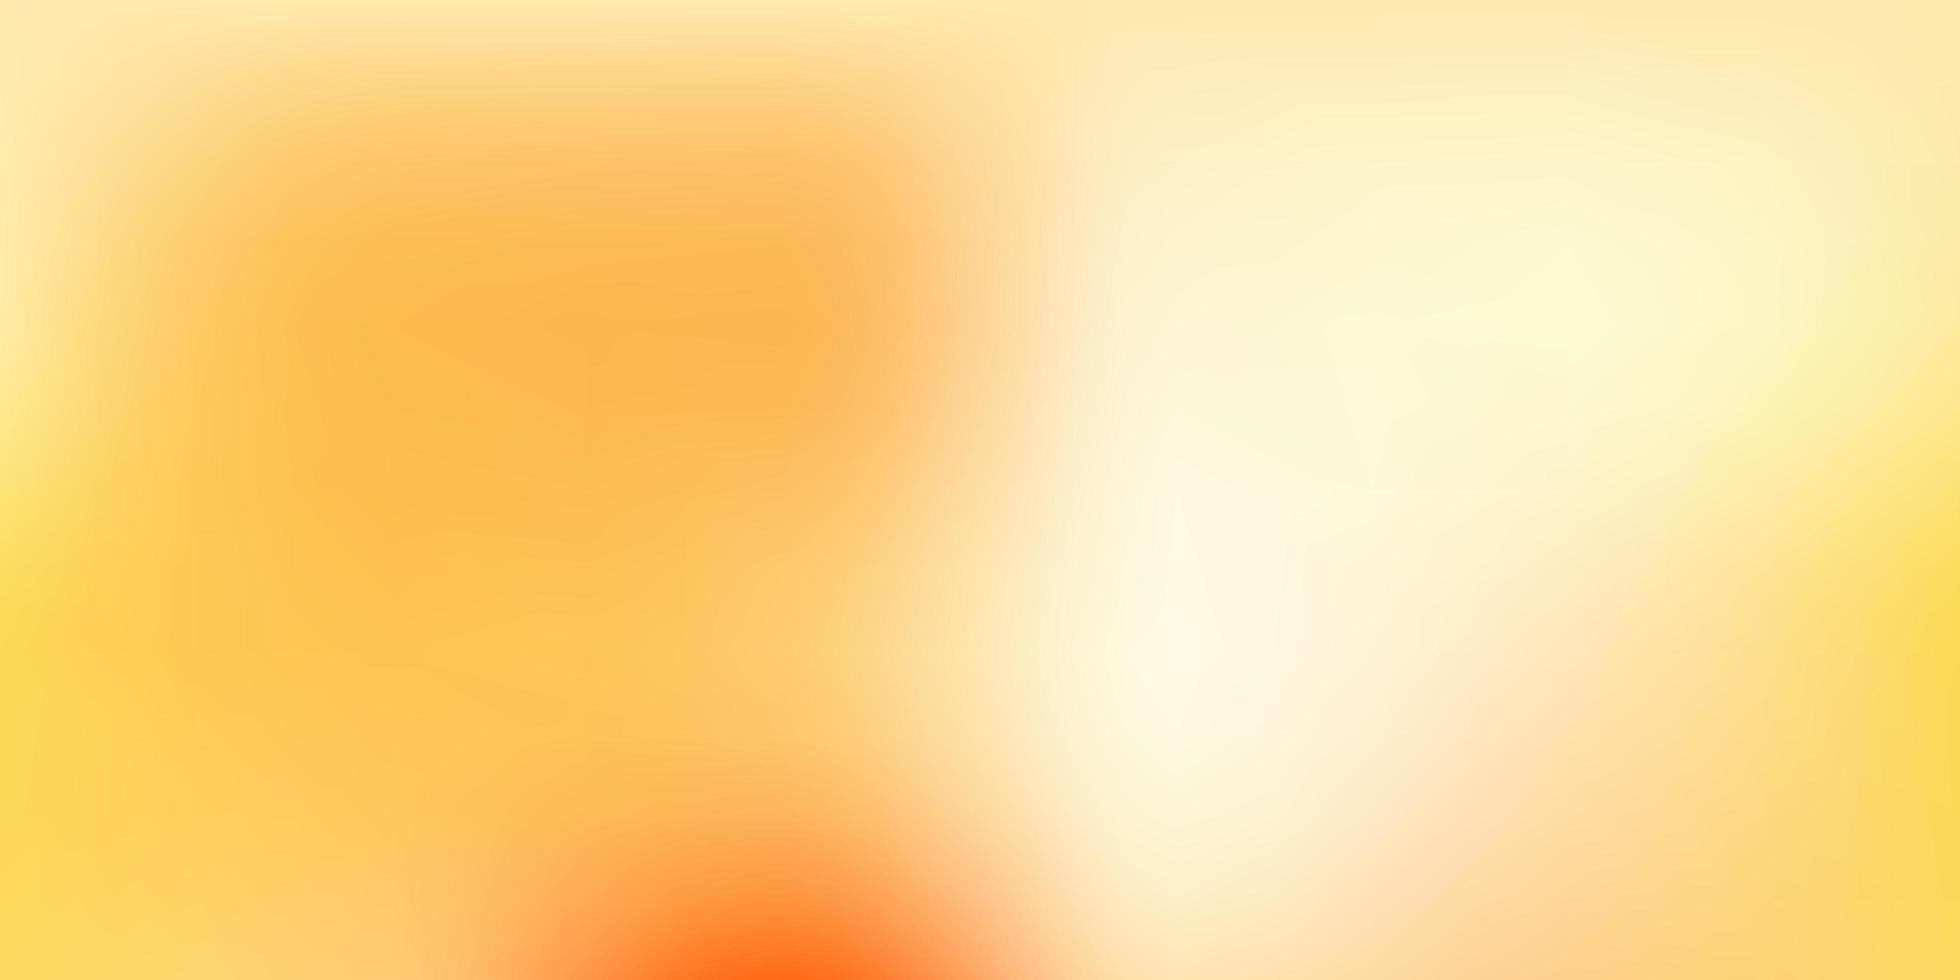 layout de borrão abstrato de vetor laranja claro.